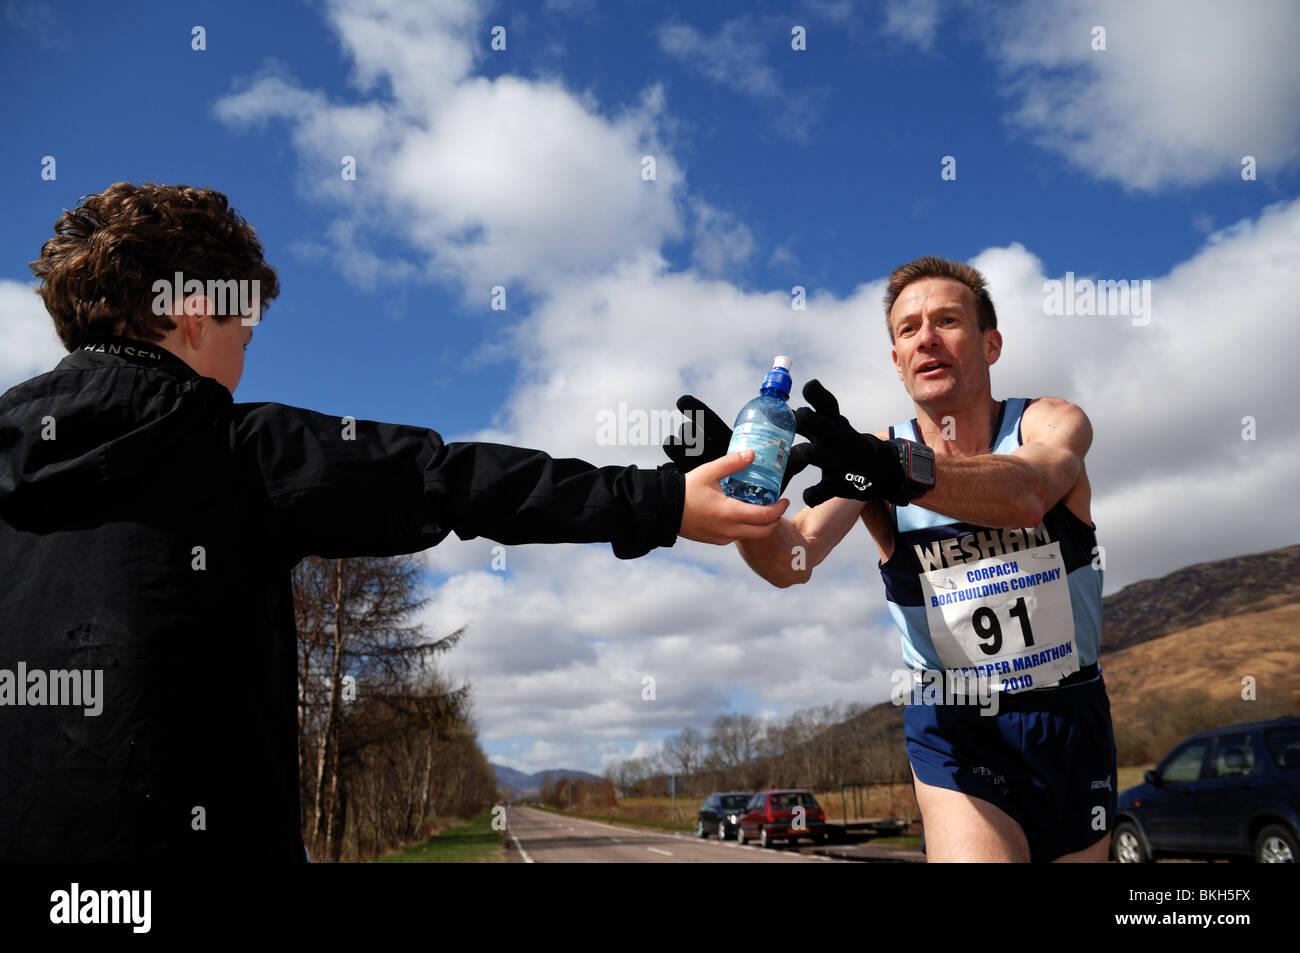 Marathon de Lochaber organisée chaque année par le loch linnie.Runner atteint pour un peu d'eau au cours de la race,de jeune garçon.Sunshine Banque D'Images